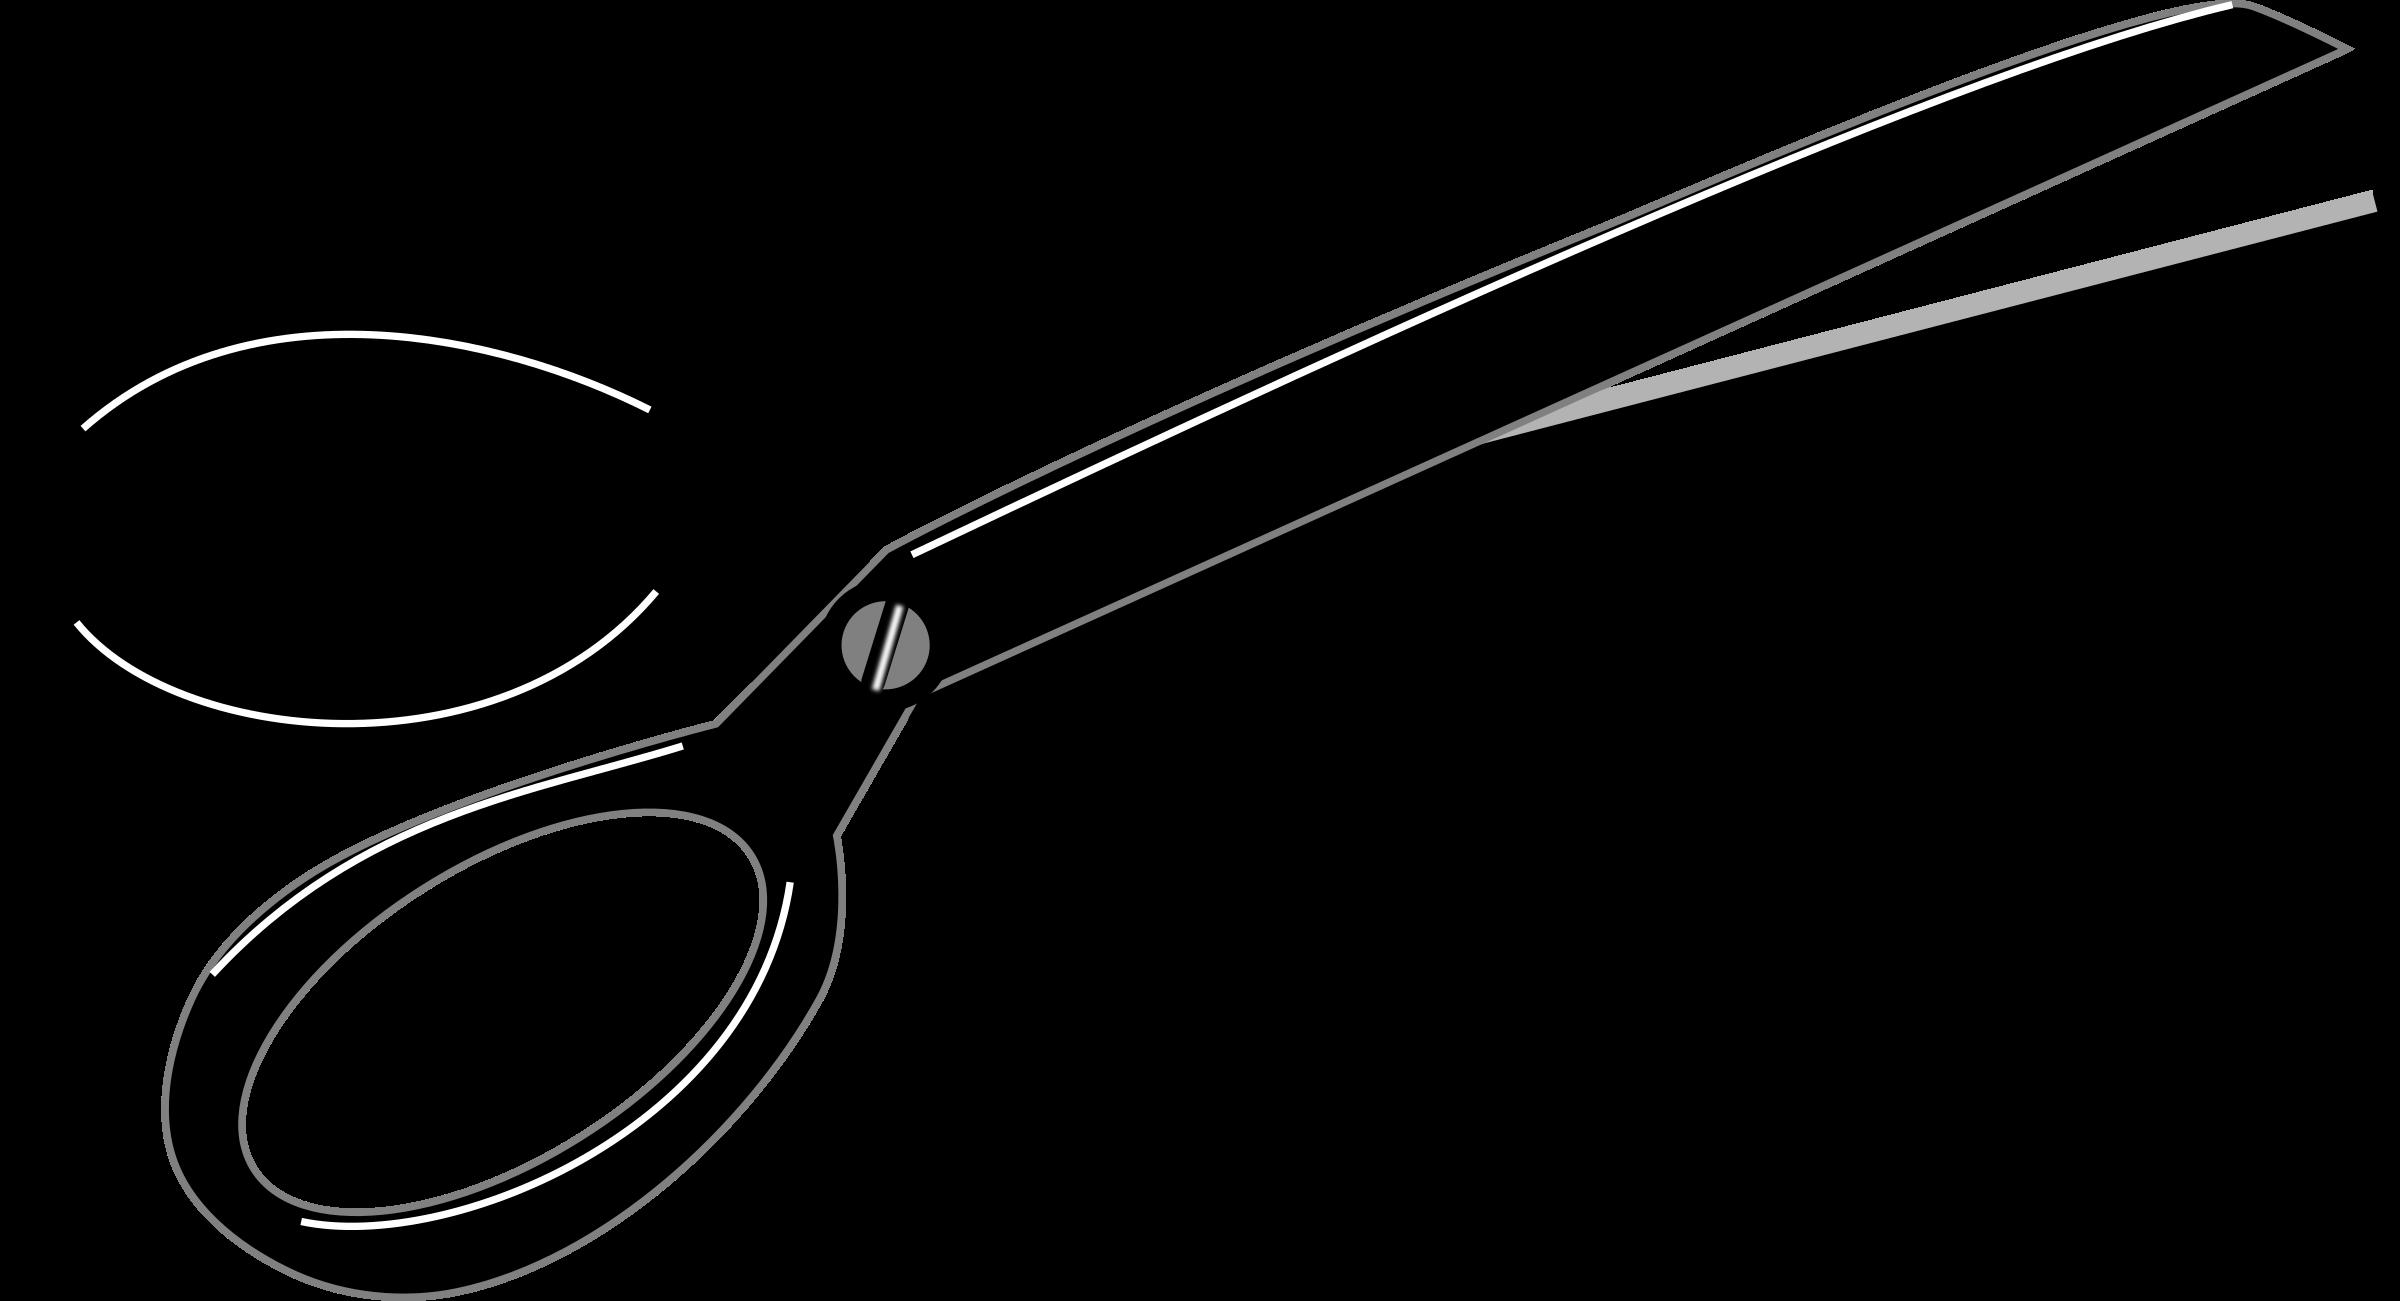 2400x1301 Fabric Scissors Clipart